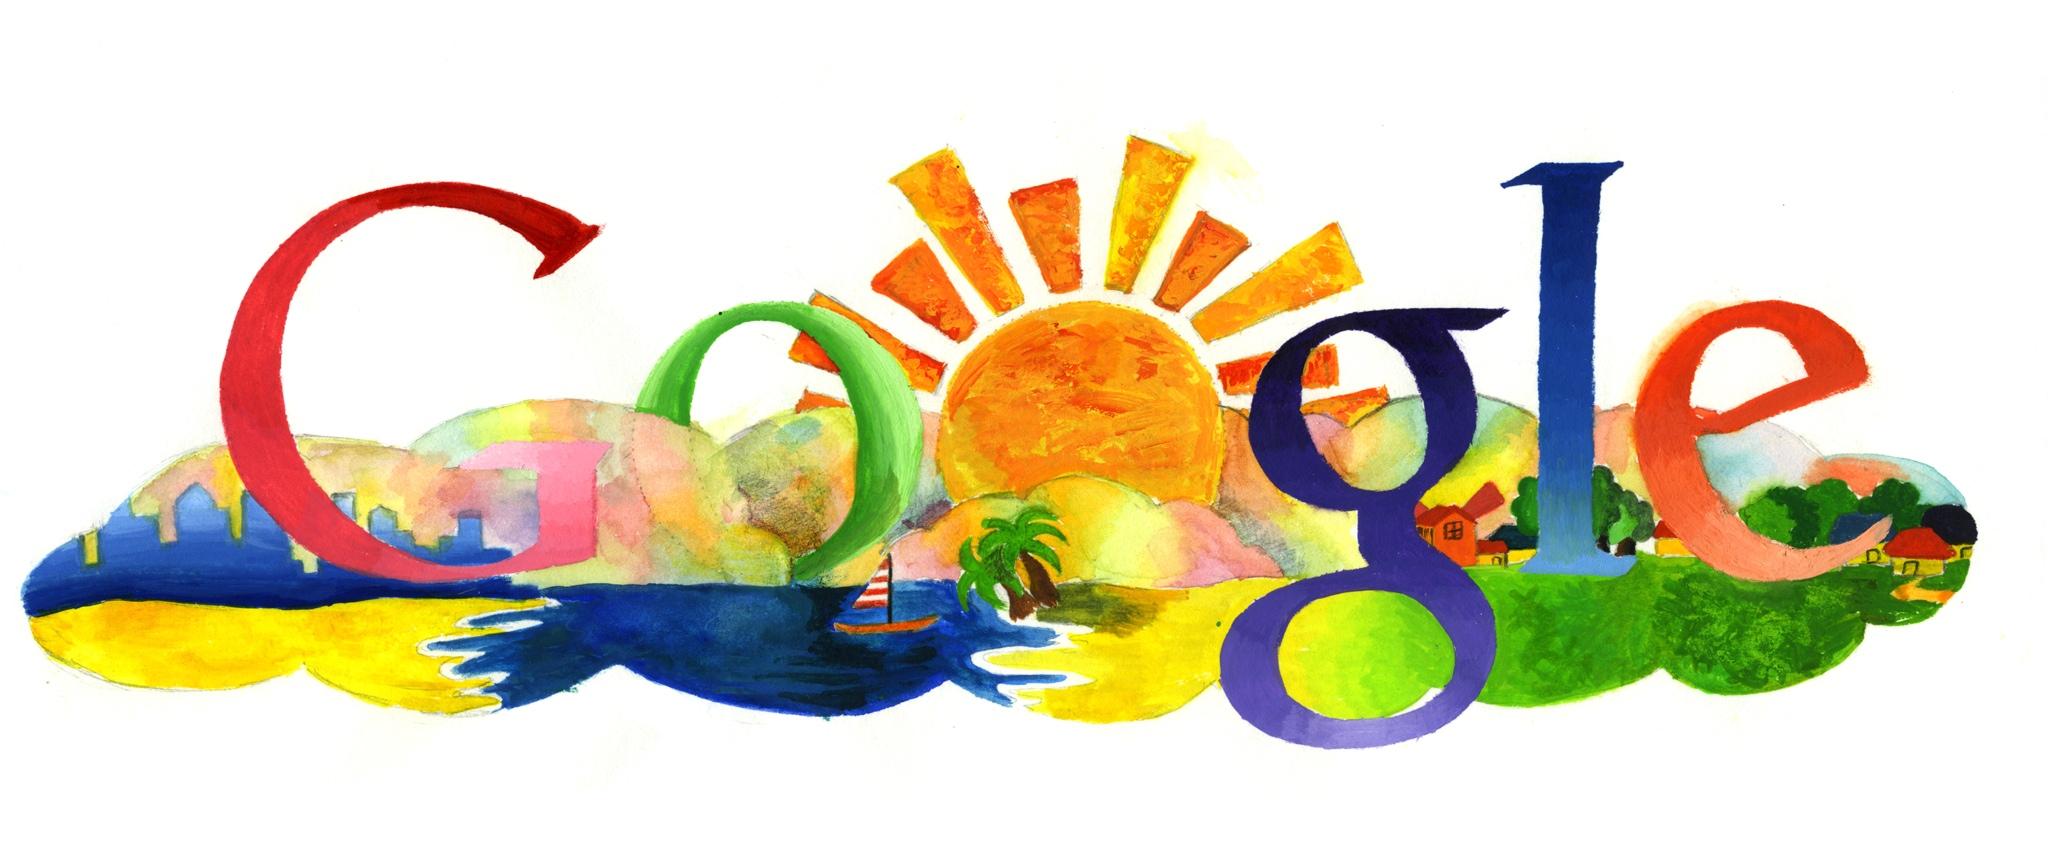 Гугл картинки красивые